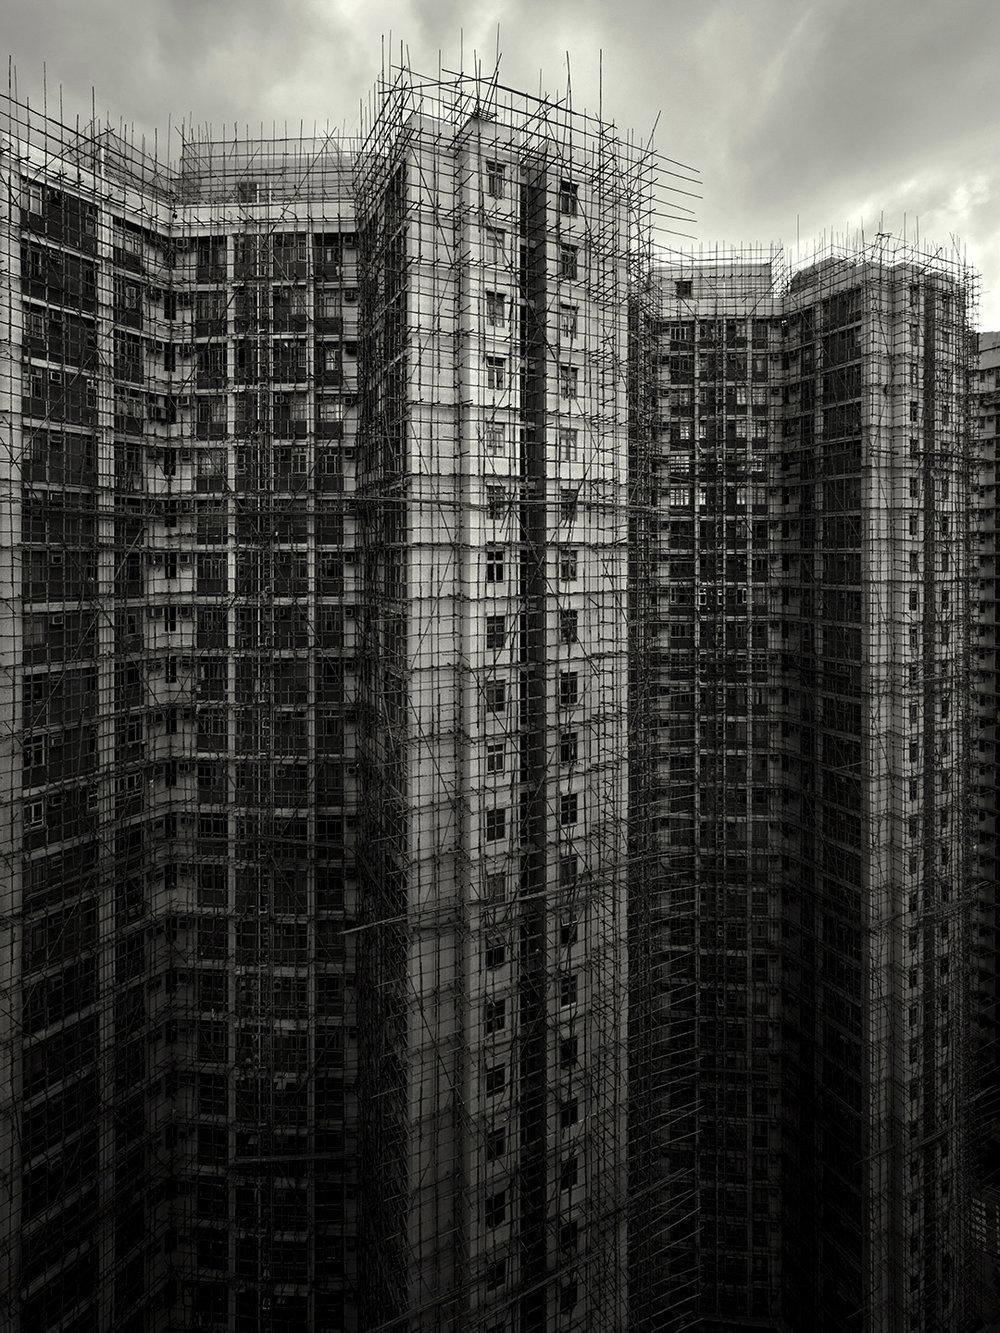 Bamboo-Cage,-Chai-Wan,-Hong-Kong---2009-copy.jpg